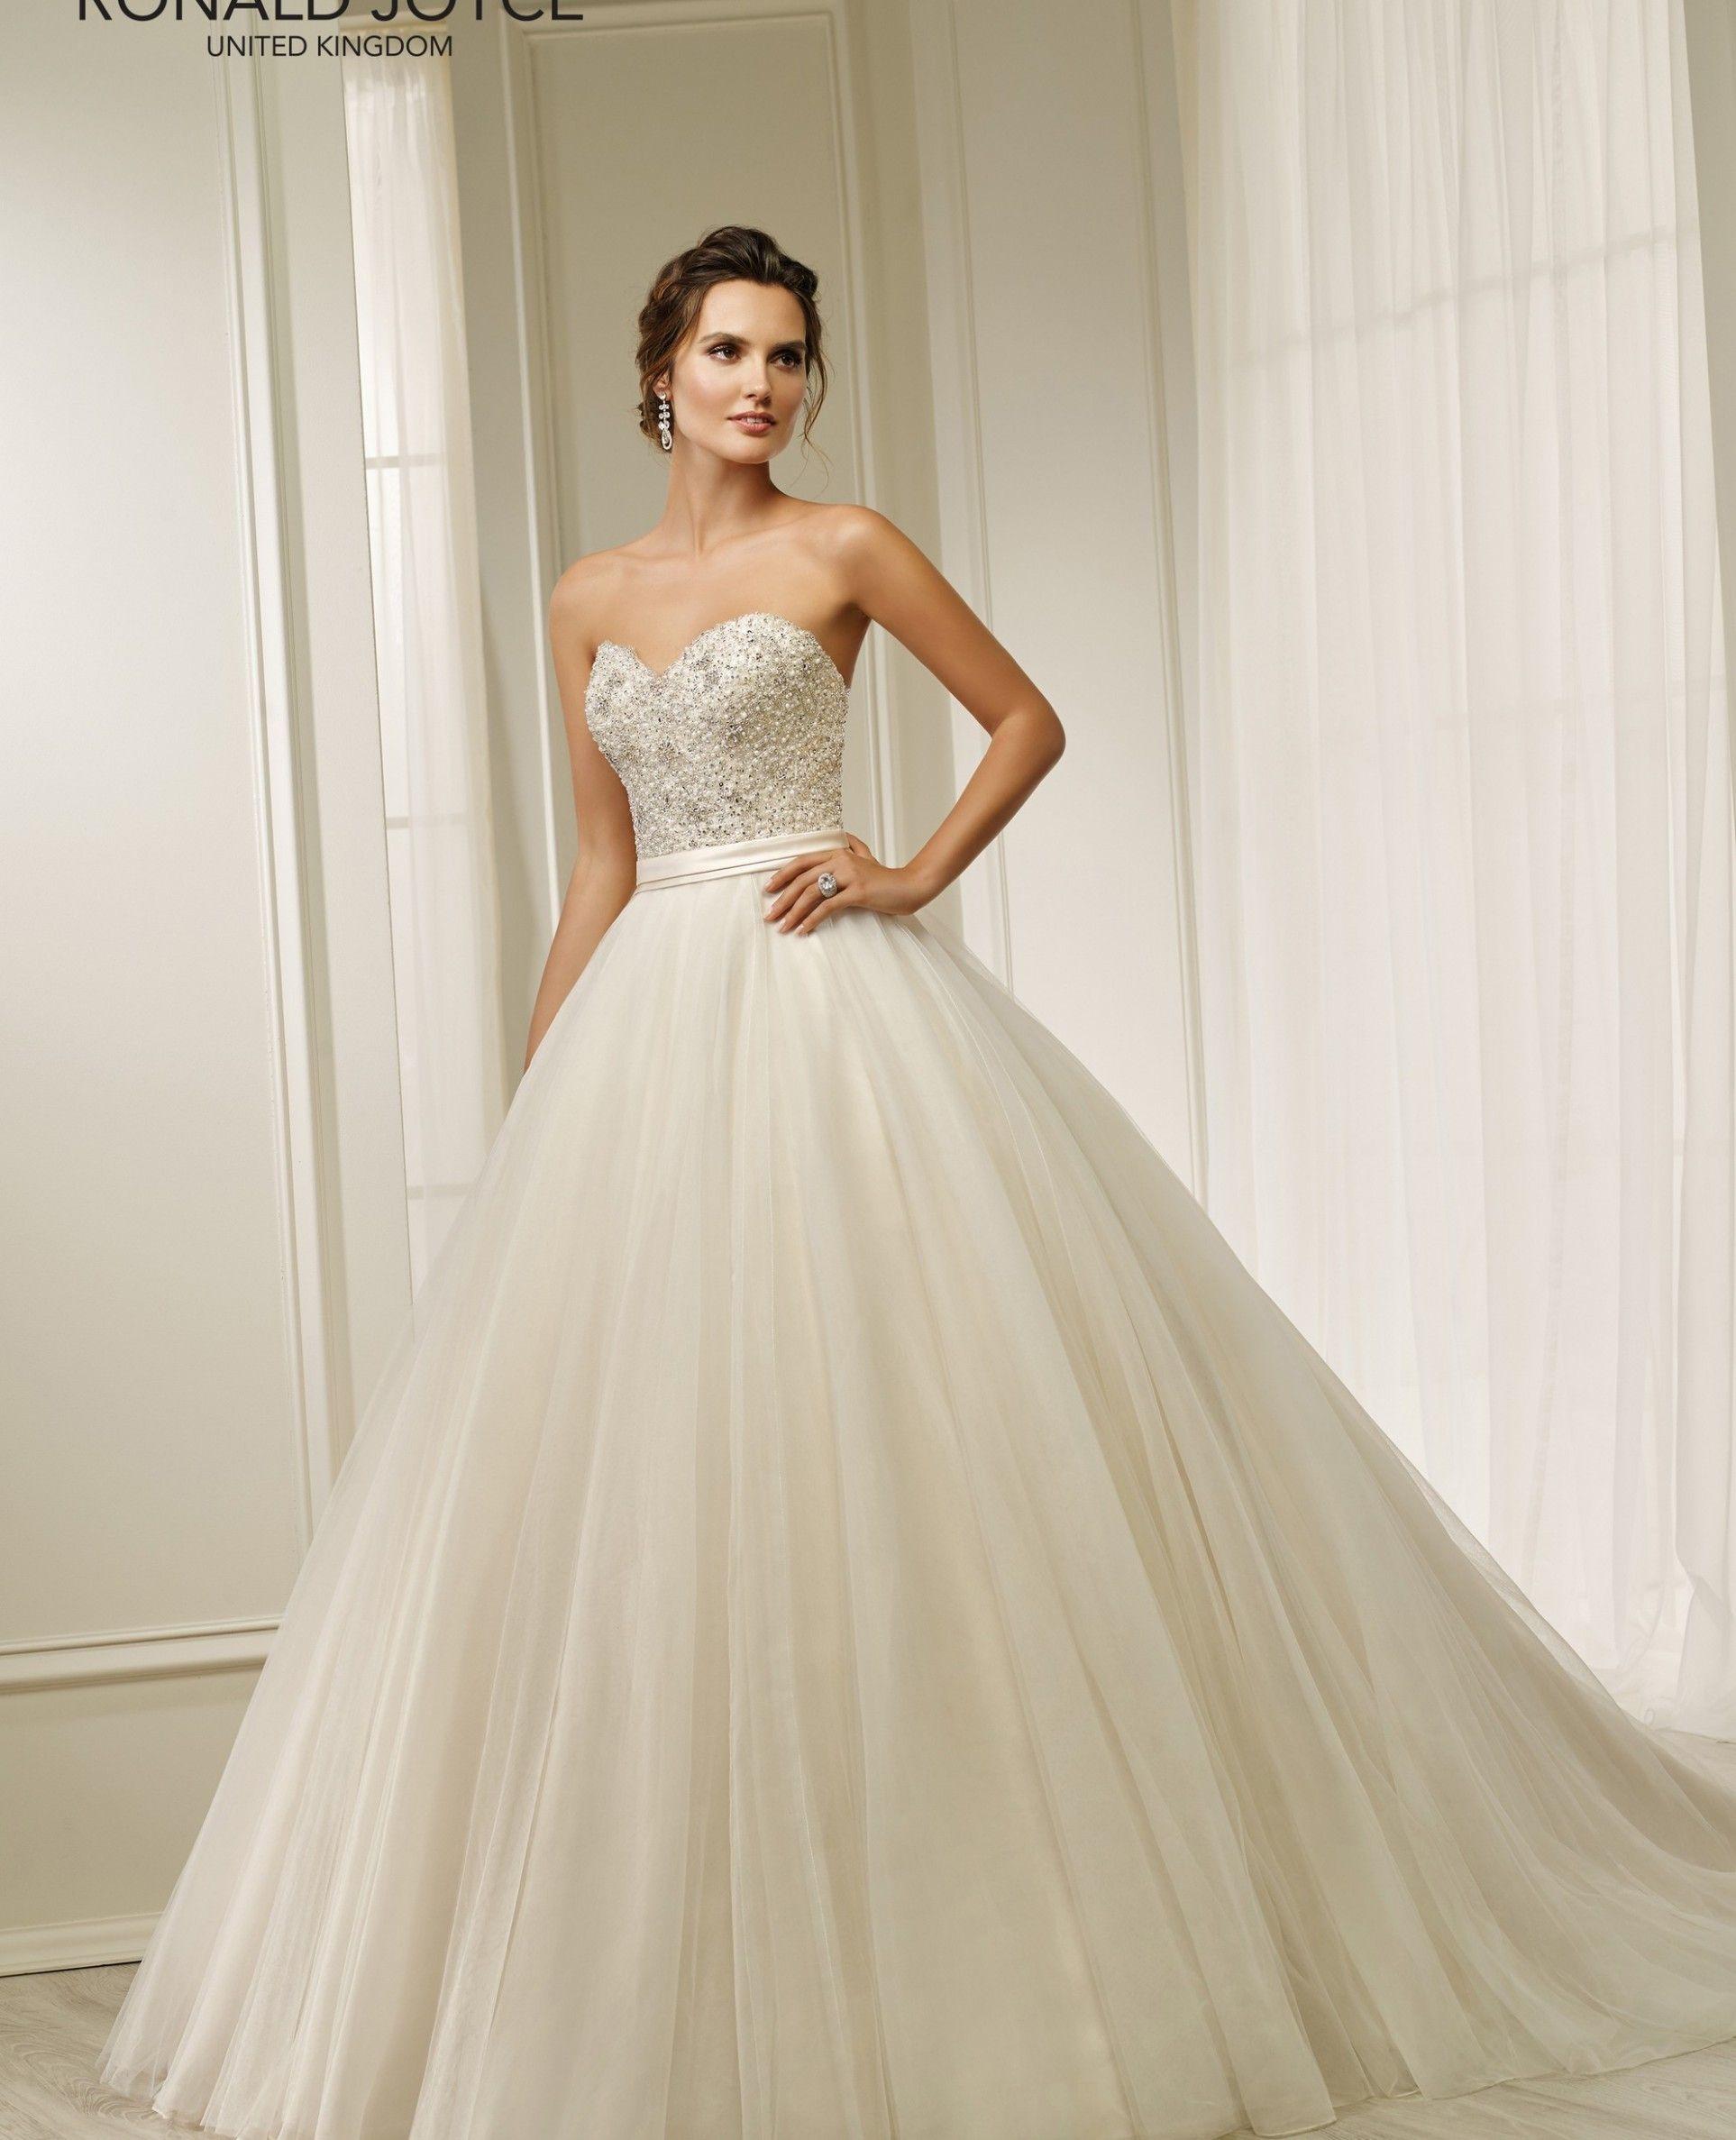 Ronald Joyce Princess Wedding Dress Ball Gowns Wedding New Wedding Dresses Wedding Dresses 2017 [ 2374 x 1926 Pixel ]